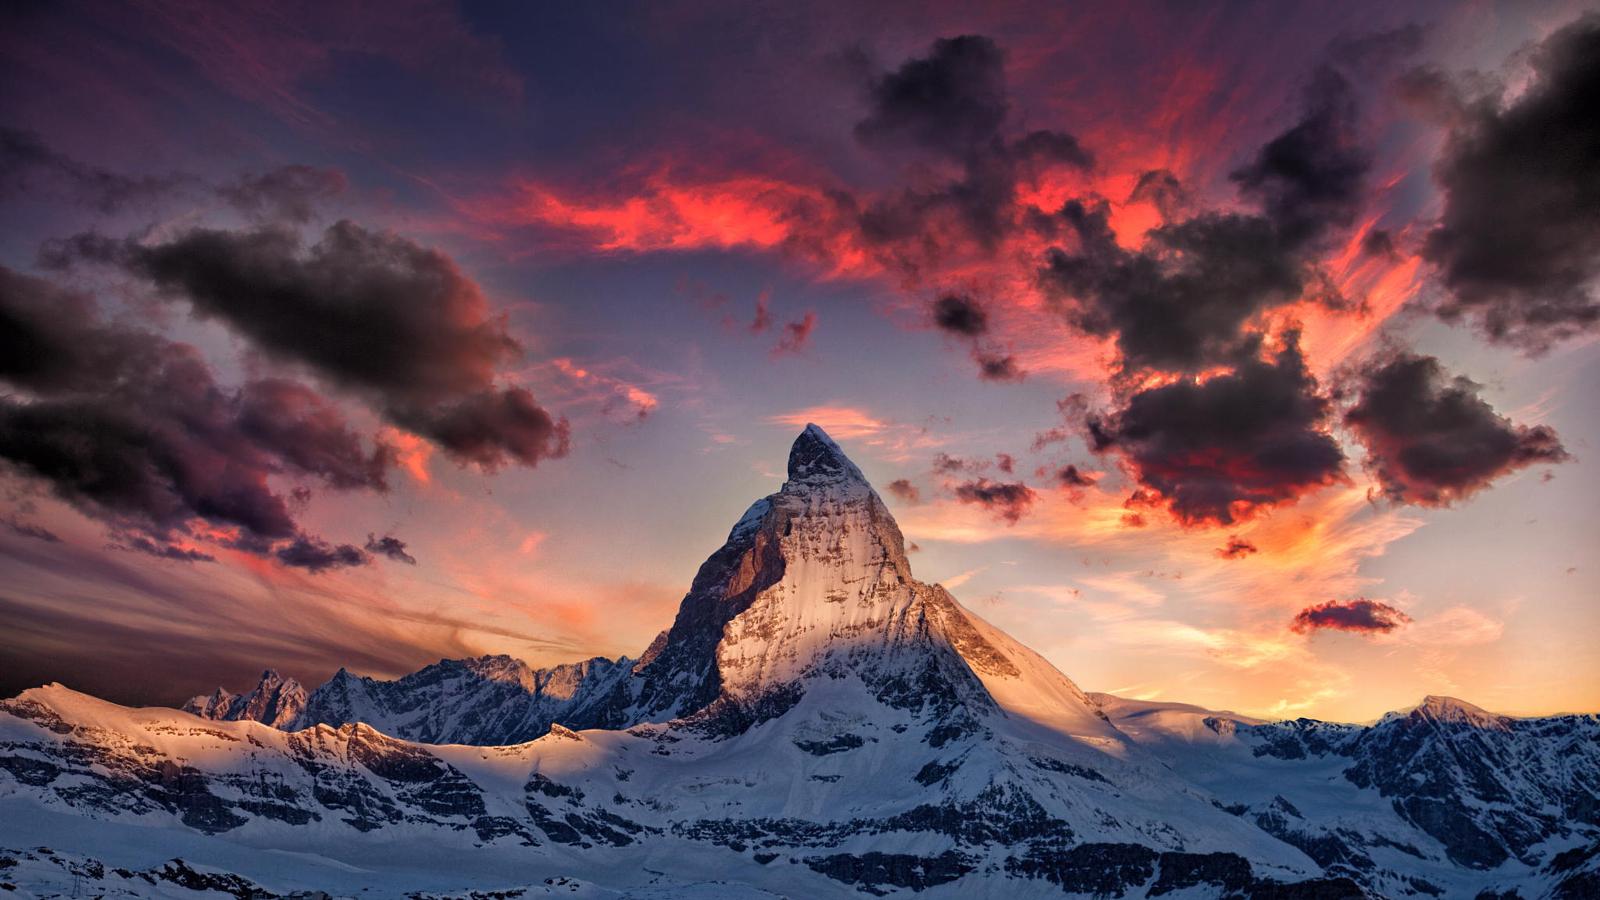 Самое интересное Туризм и путешествия : Где отдохнуть в Украине на выходных